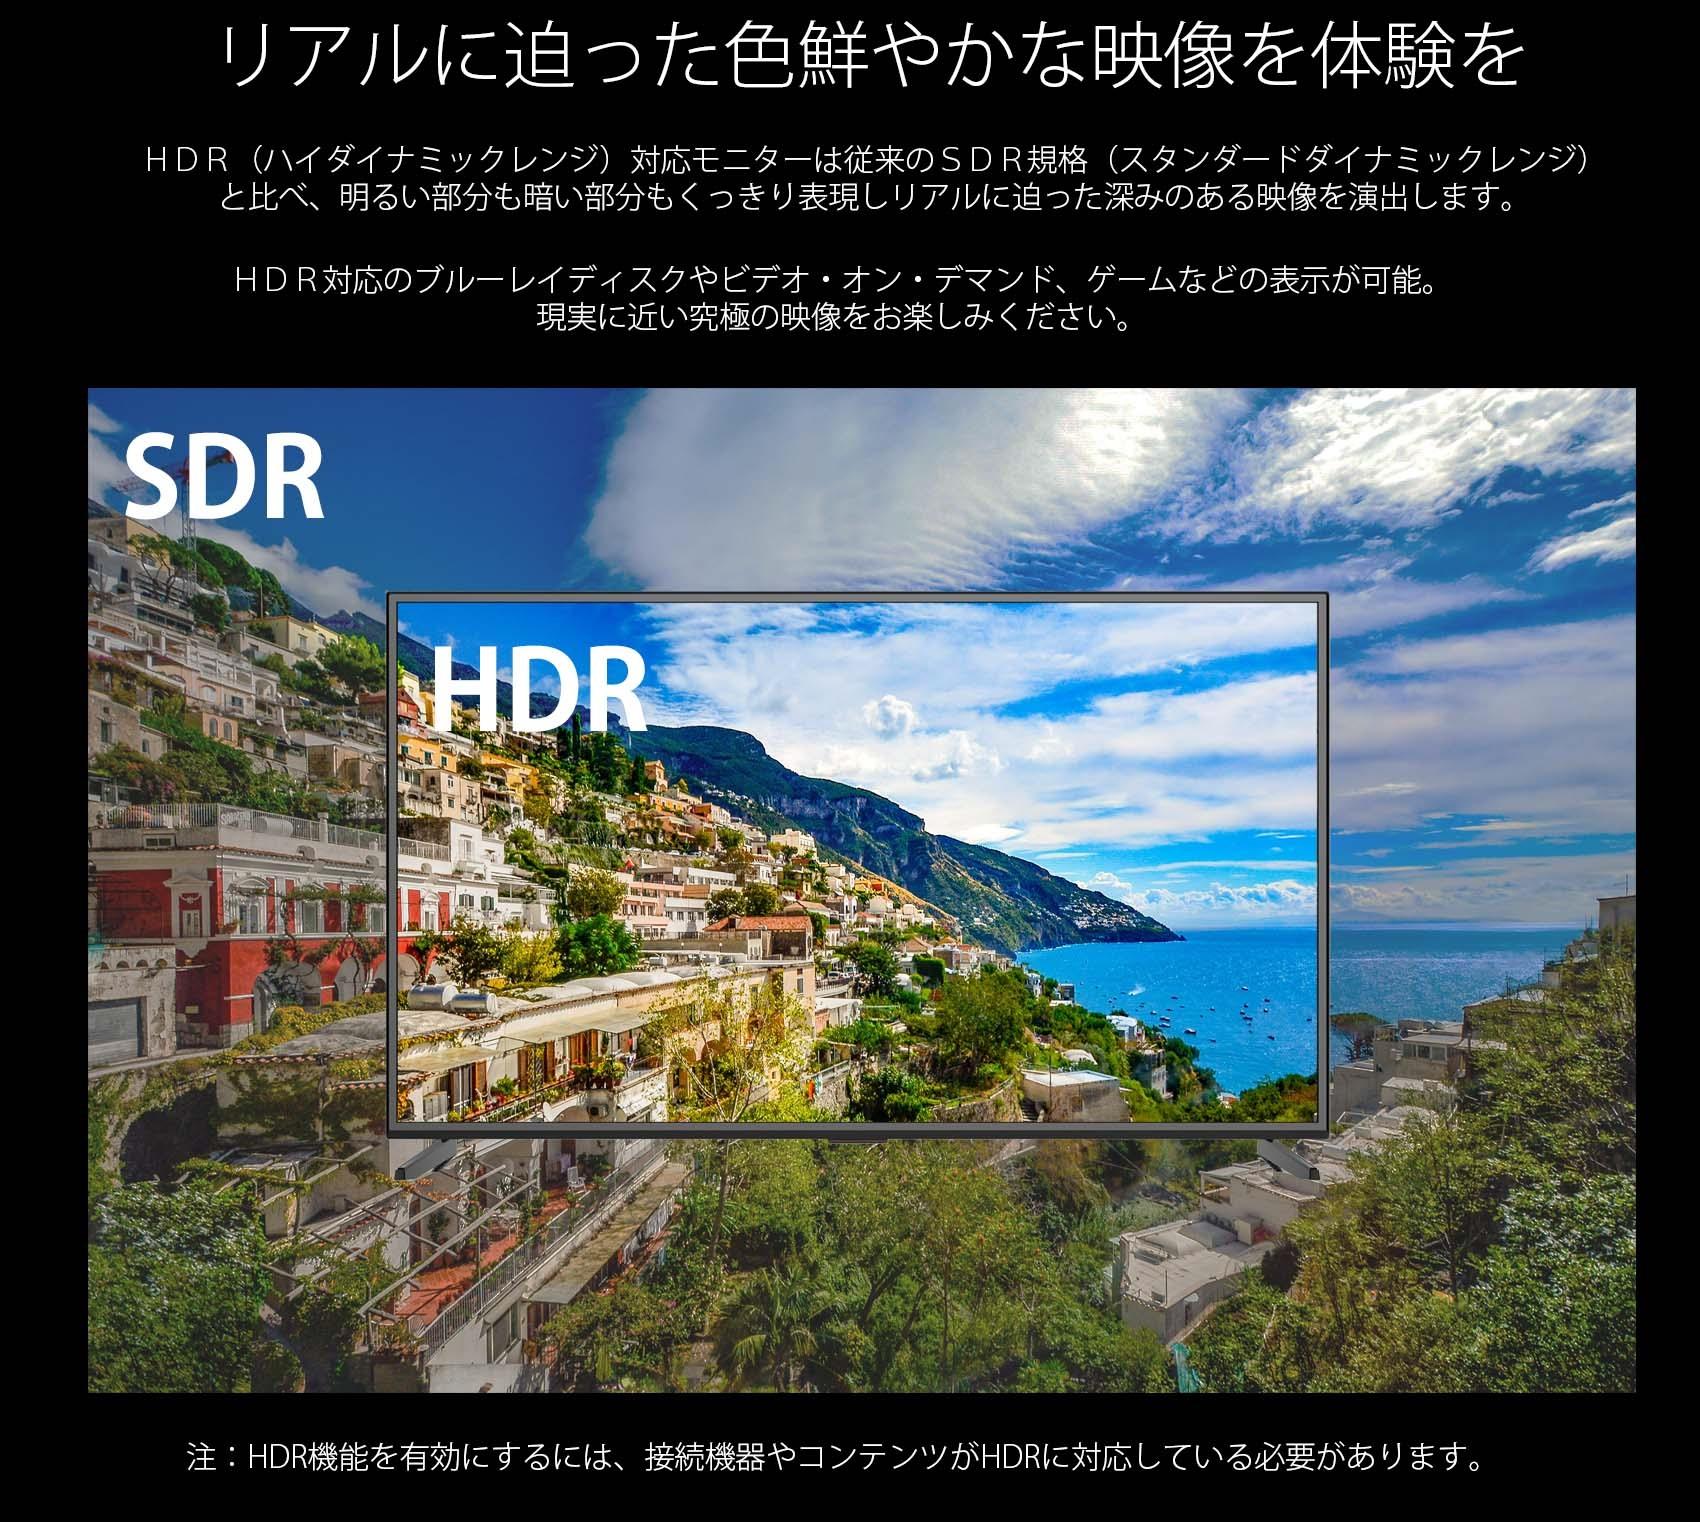 リアルに迫った色鮮やかな映像を体験を HDR(ハイダイナミックレンジ)対応モニターは従来のSDR規格(スタンダードダイナミックレンジ) と比べ、明るい部分も暗い部分もくっきり表現しリアルに迫った深みのある映像を演出します。 HDR対応のブルーレイディスクやビデオ・オン・デマンド、ゲームなどの表示が可能。 現実に近い究極の映像をお楽しみください。 SDR HDR 注:HDR機能を有効にするには、接続機器やコンテンツがHDRに対応している必要があります。